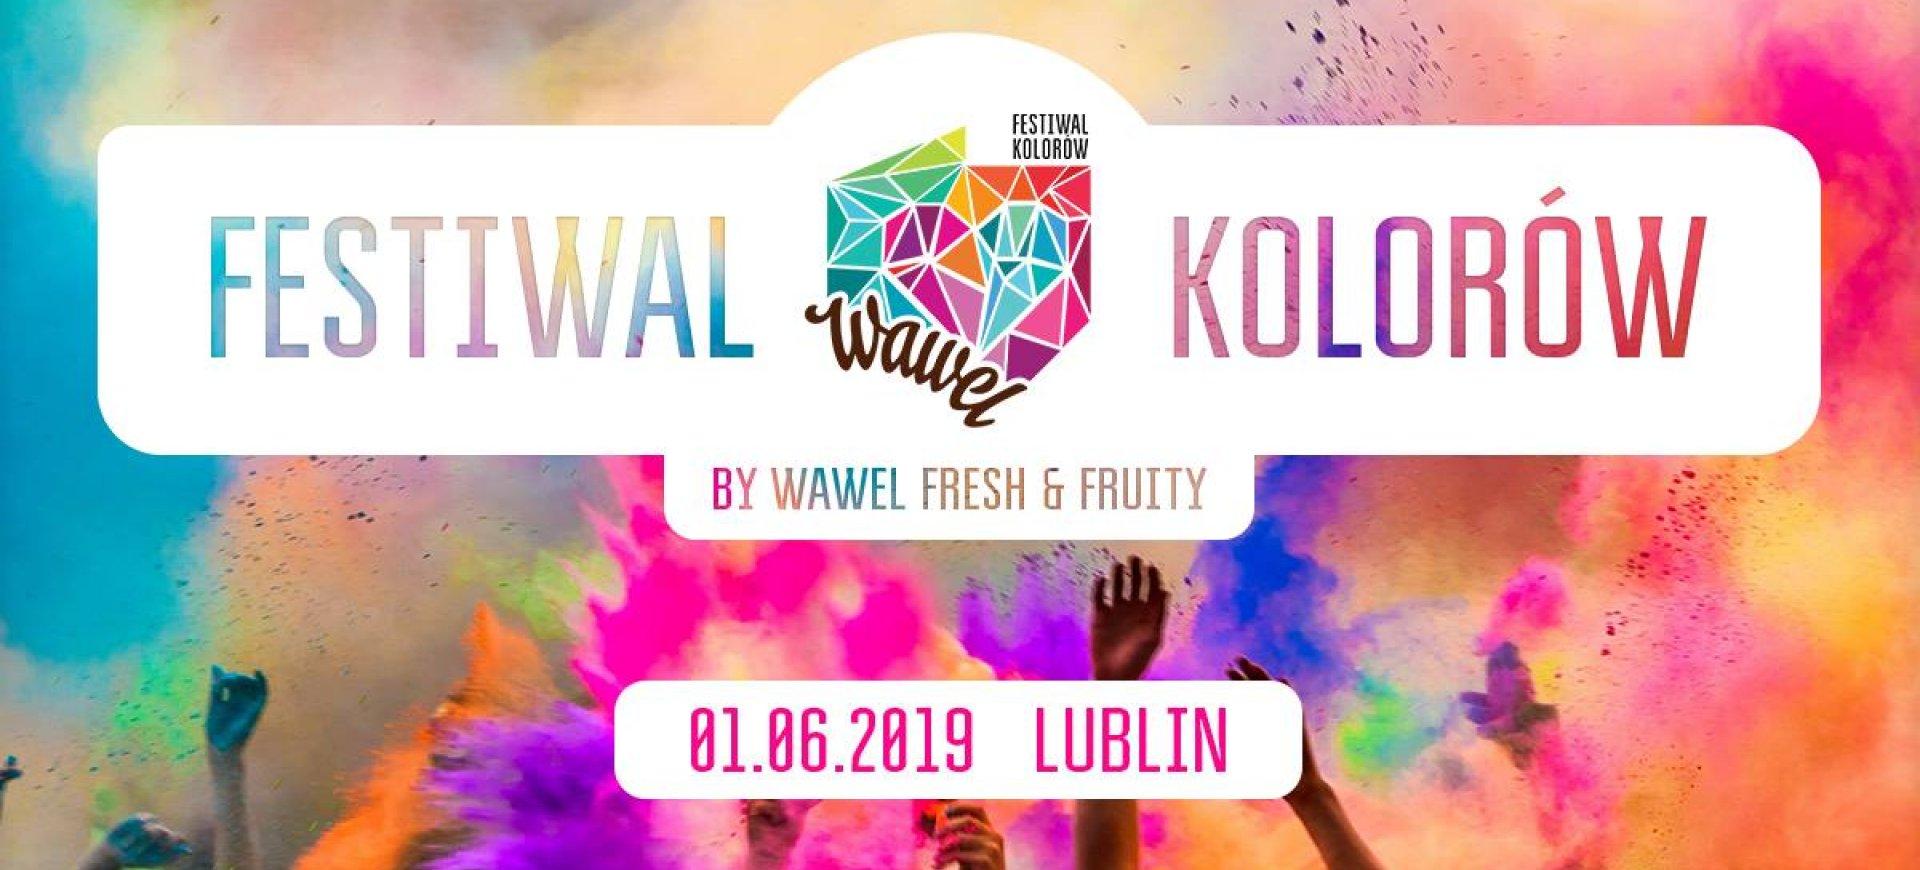 Festiwal Kolorów w Lublinie 2019!